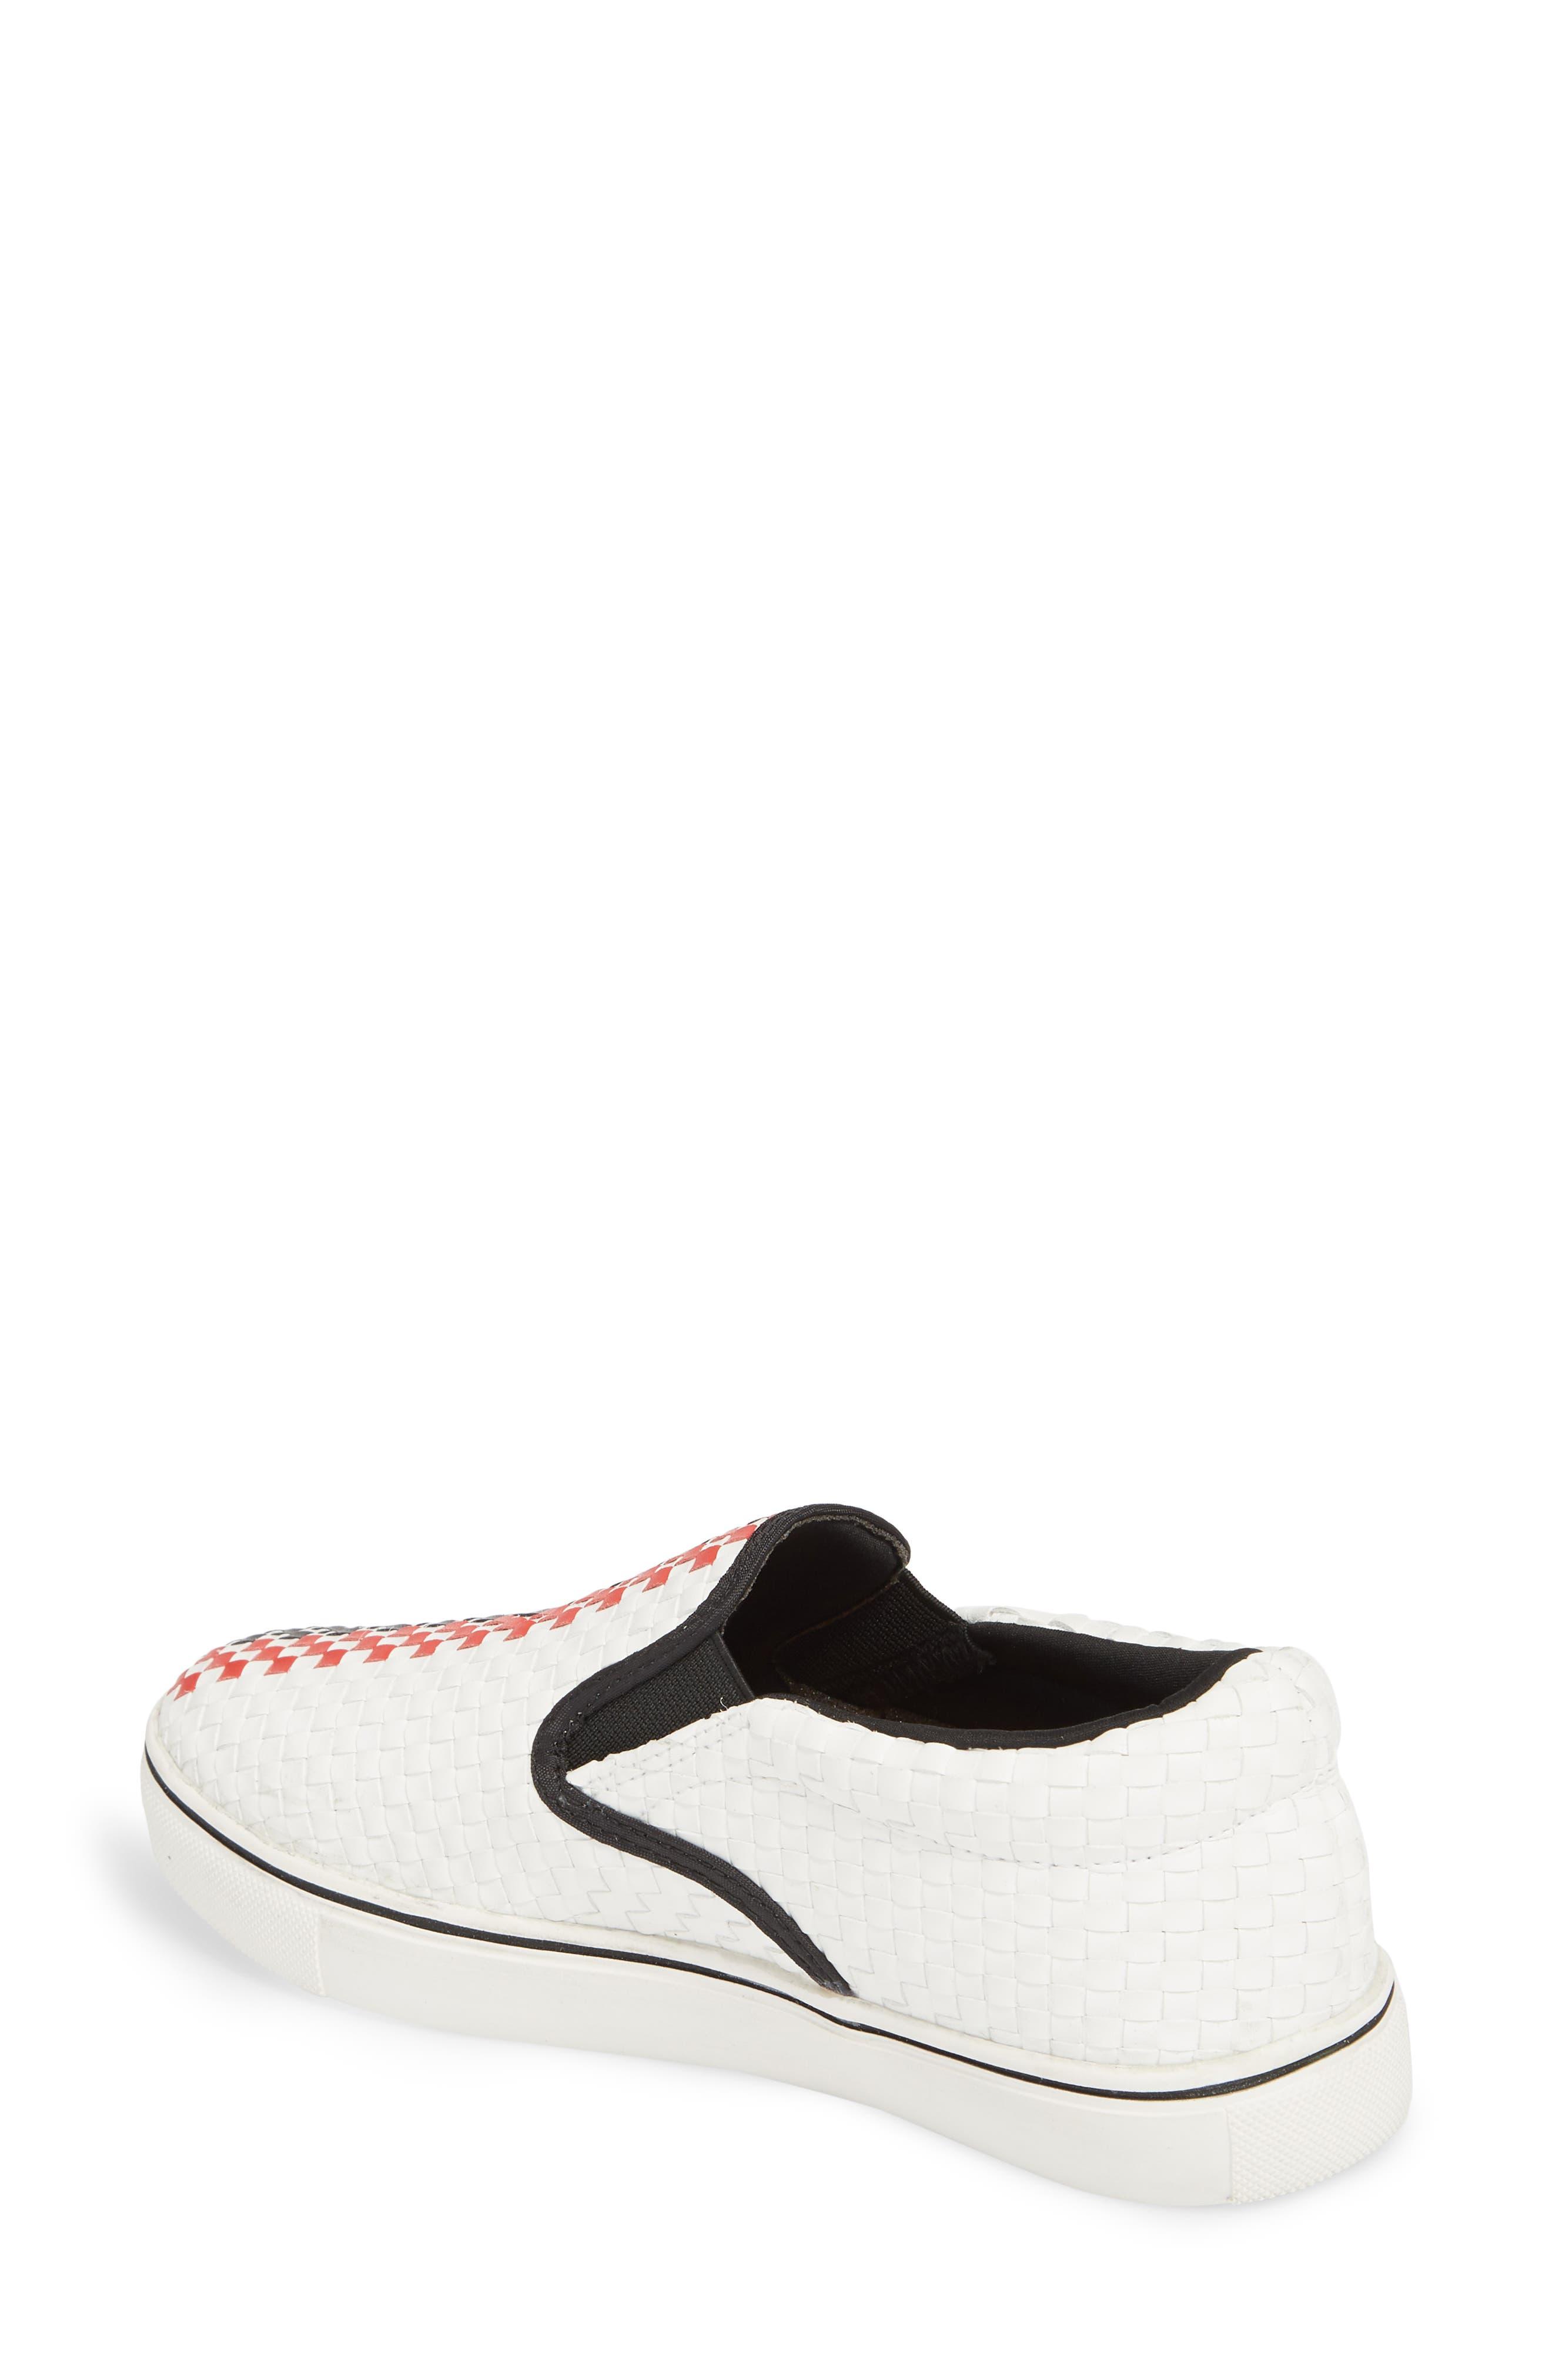 Checkerboard Slip-On Sneaker,                             Alternate thumbnail 2, color,                             White/ Red/ Black